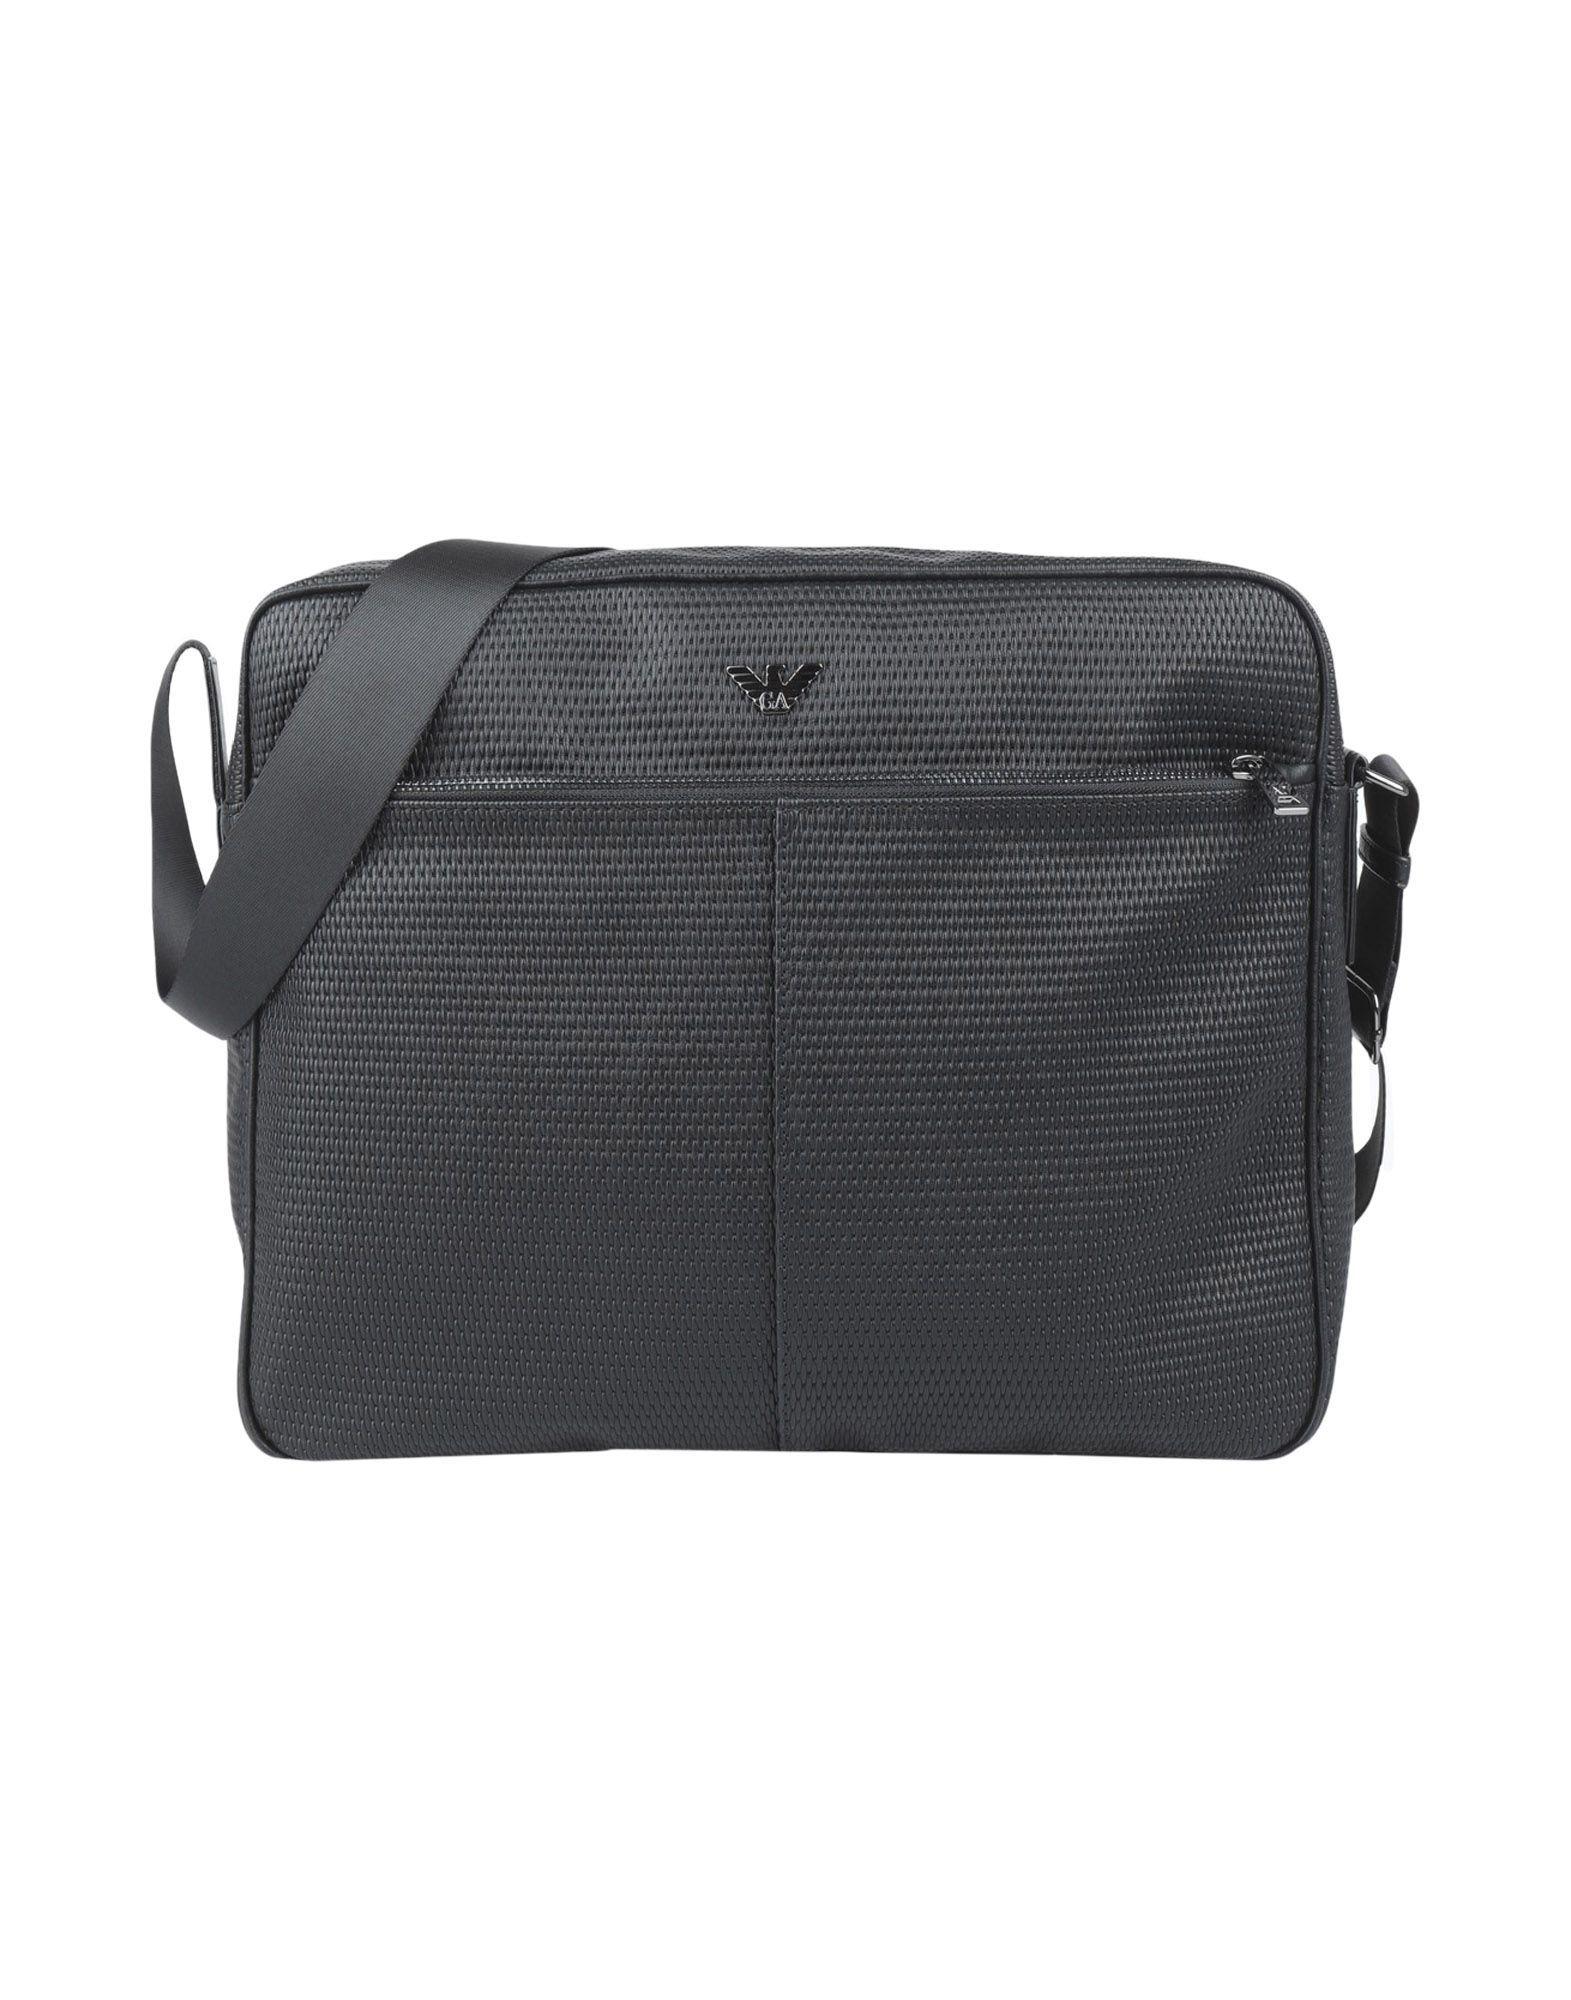 ARMANI JEANS WORK BAGS.  armanijeans  bags  shoulder bags  leather ... 23cad7e57d4a4